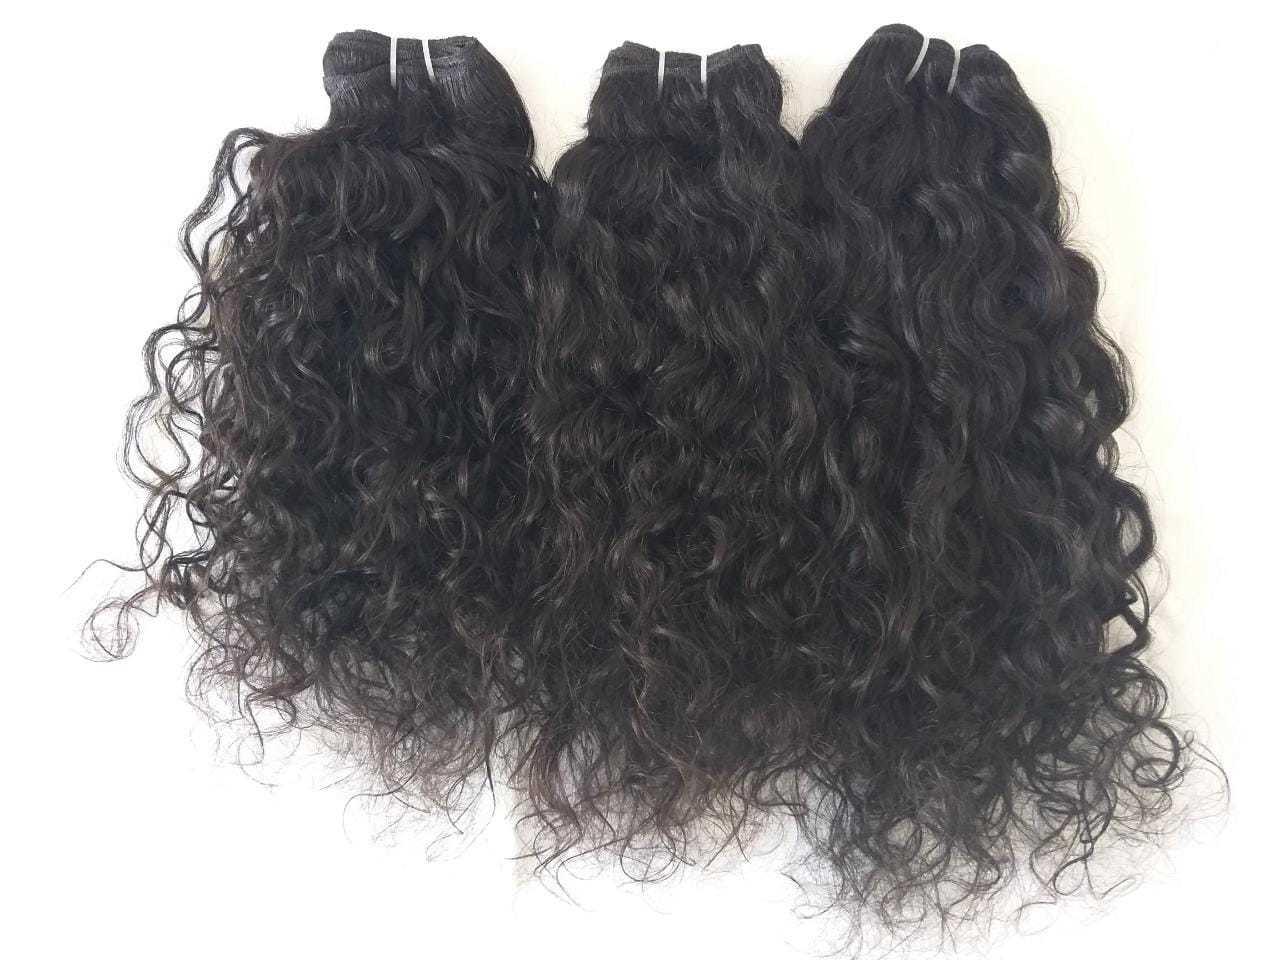 100% Raw natural curly human hair,100% human virgin hair,curly, natural color